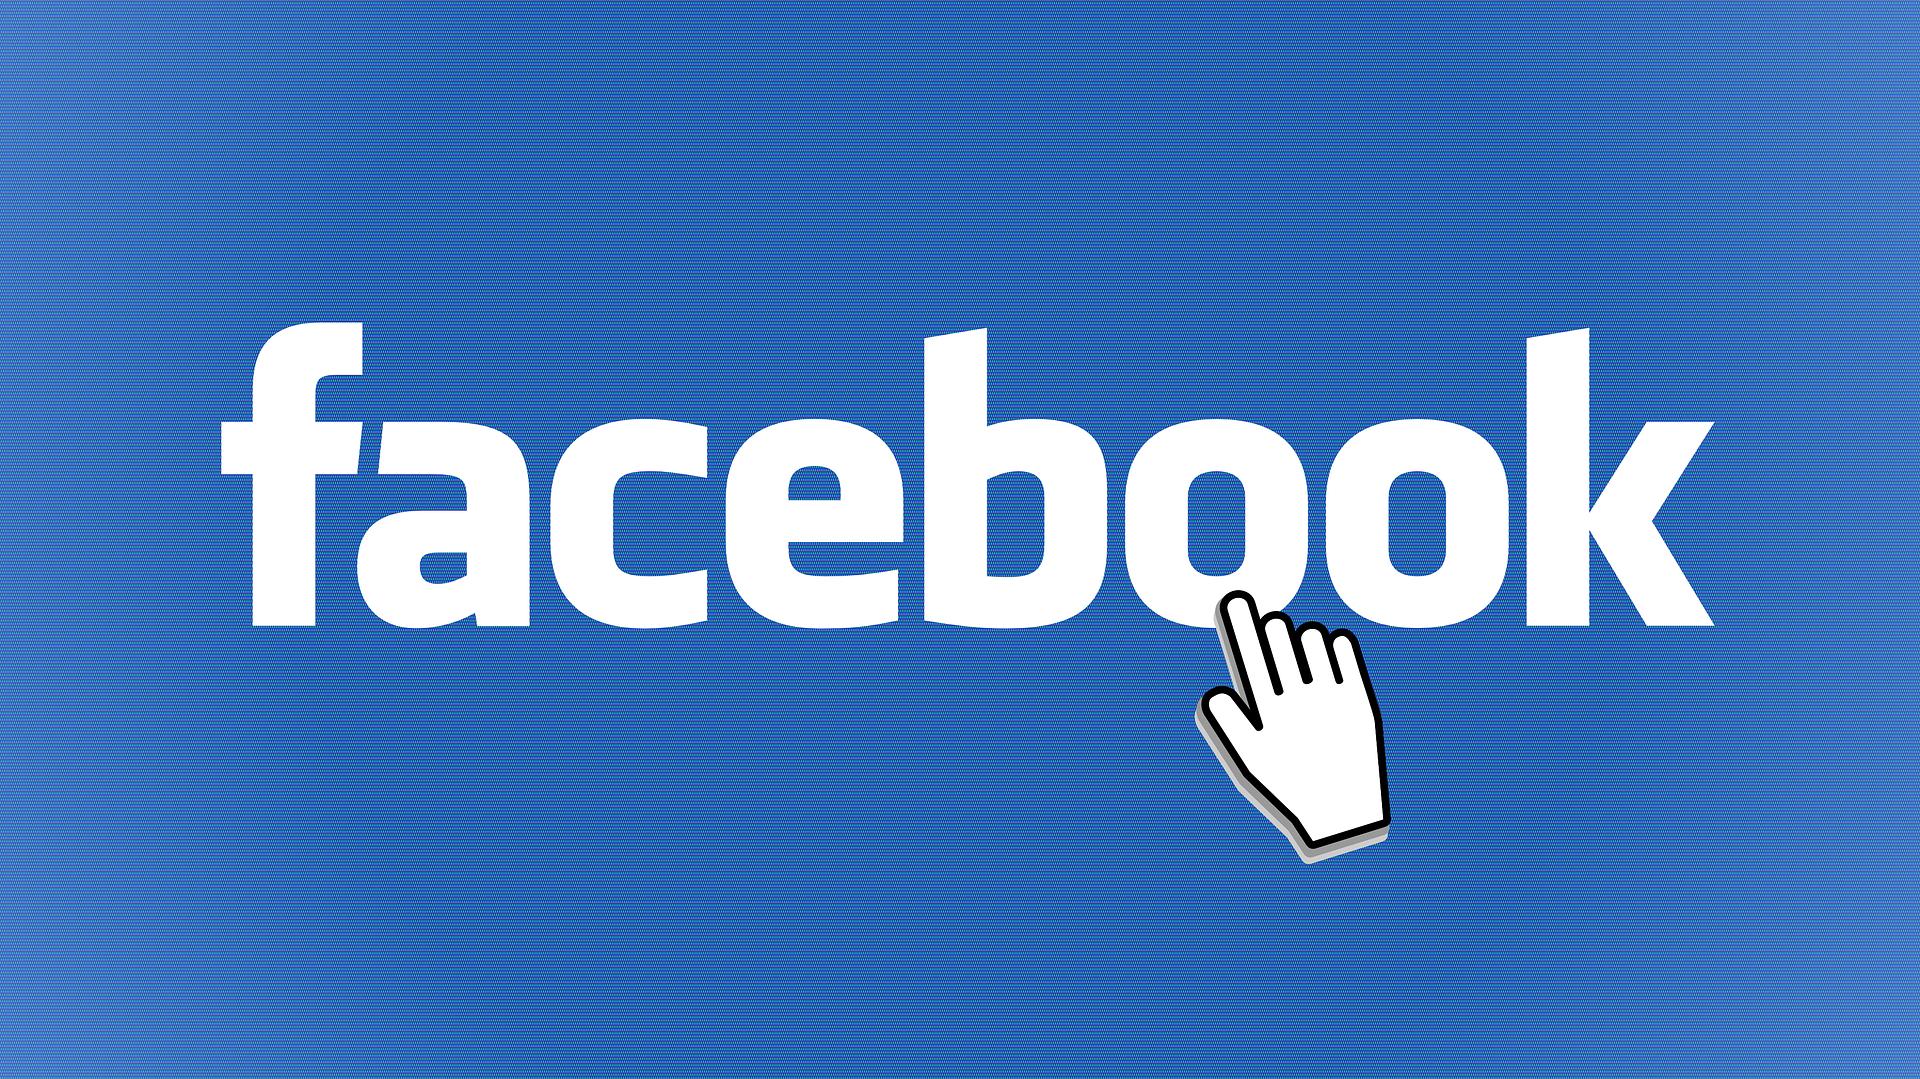 Gewinnspiele auf Facebook | Social Media Marketing | Passion Marketing GmbH Werbeagentur Köln